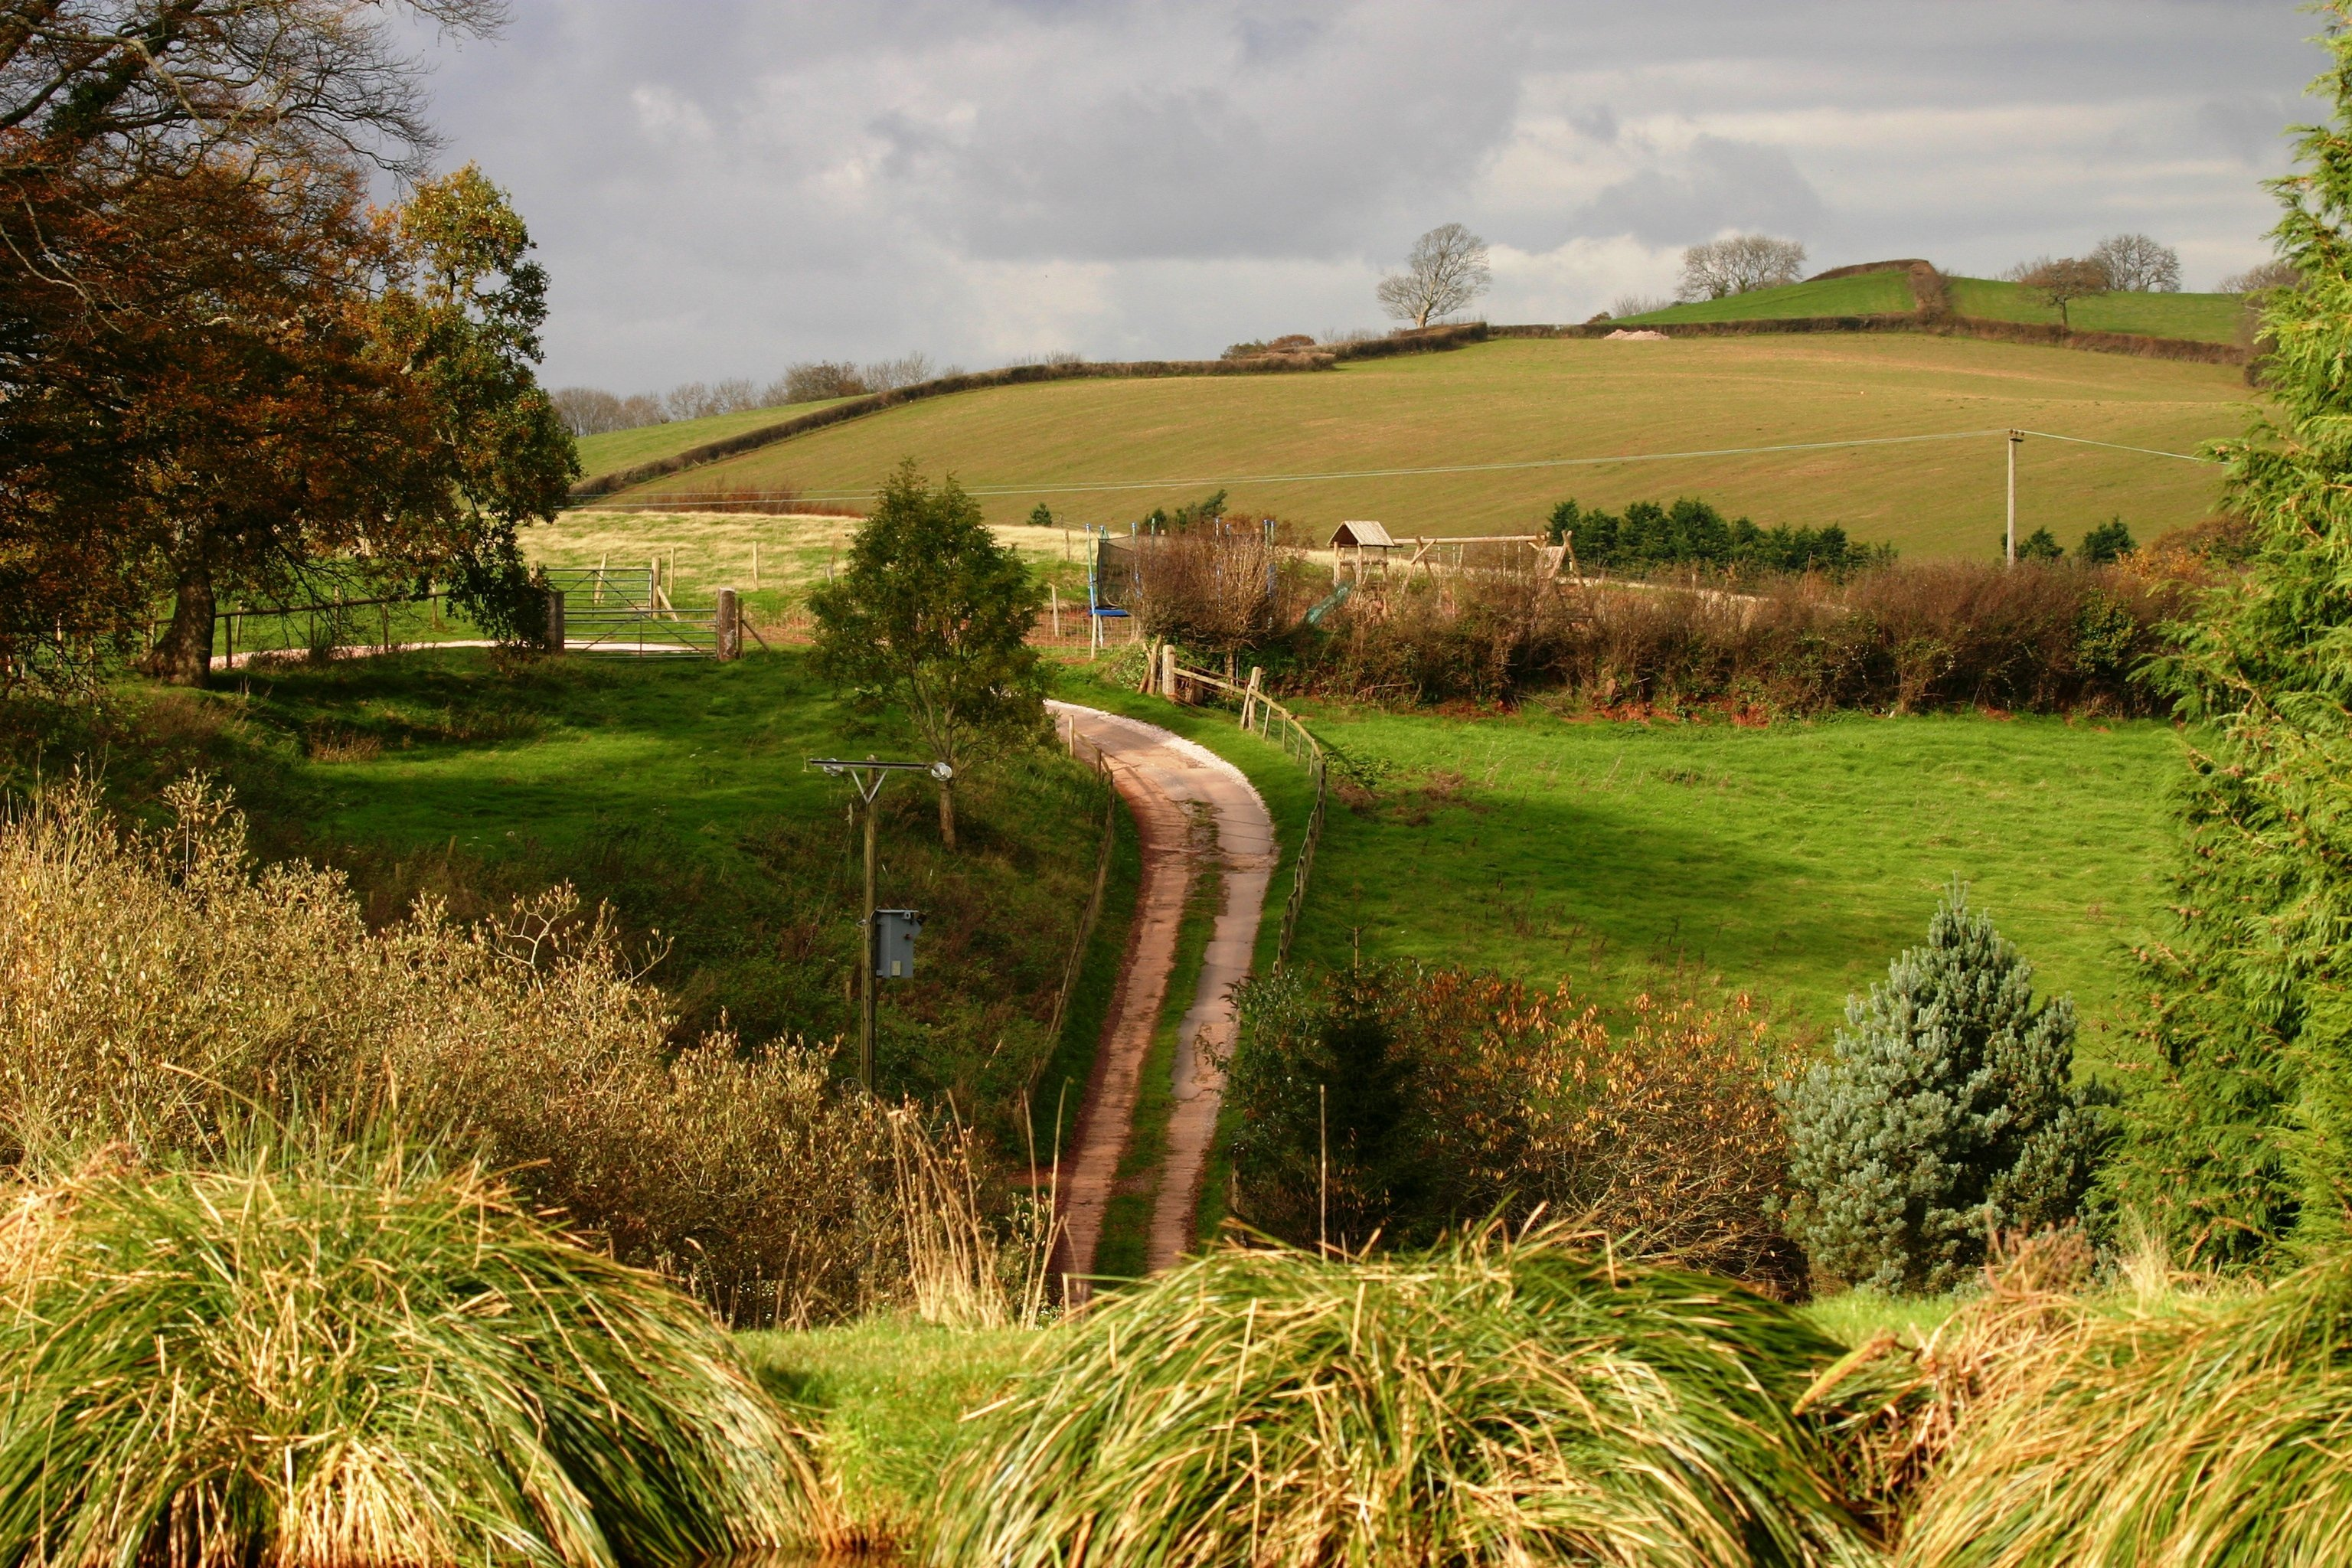 far view of the farm